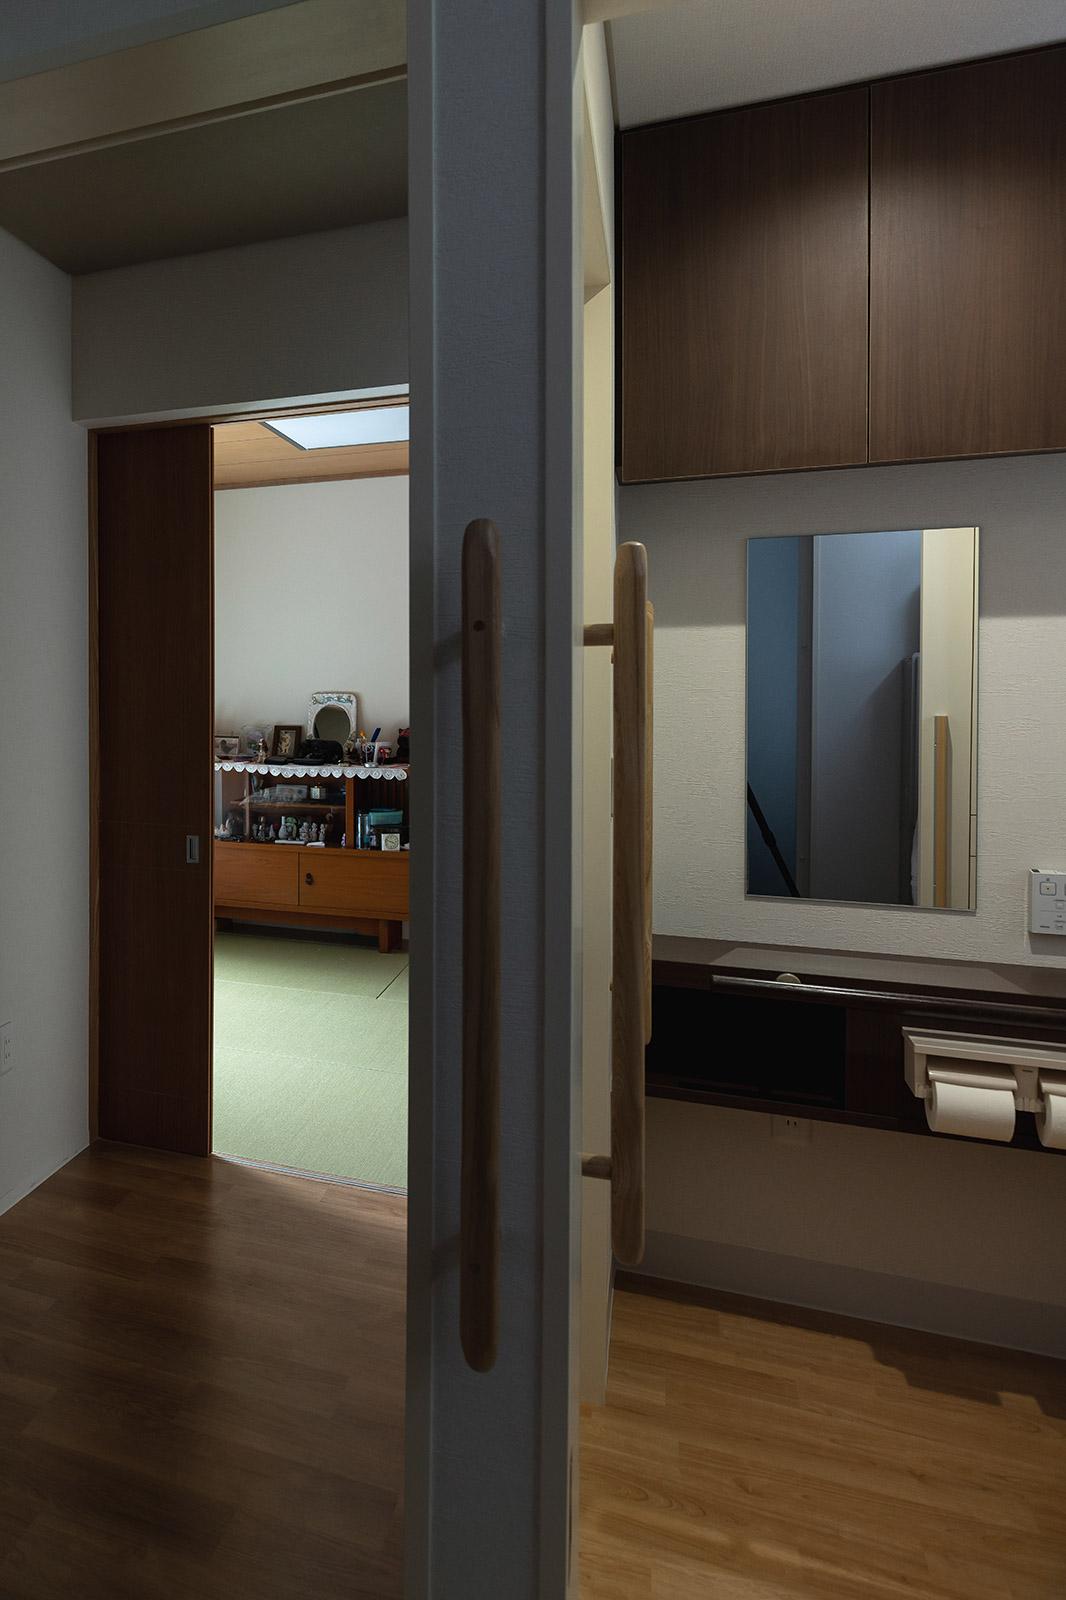 トイレは車いすの介助がしやすいように、廊下側とユーテリティ側に出入り口を設けた2way仕様。ご両親の部屋も、このトイレに近接している